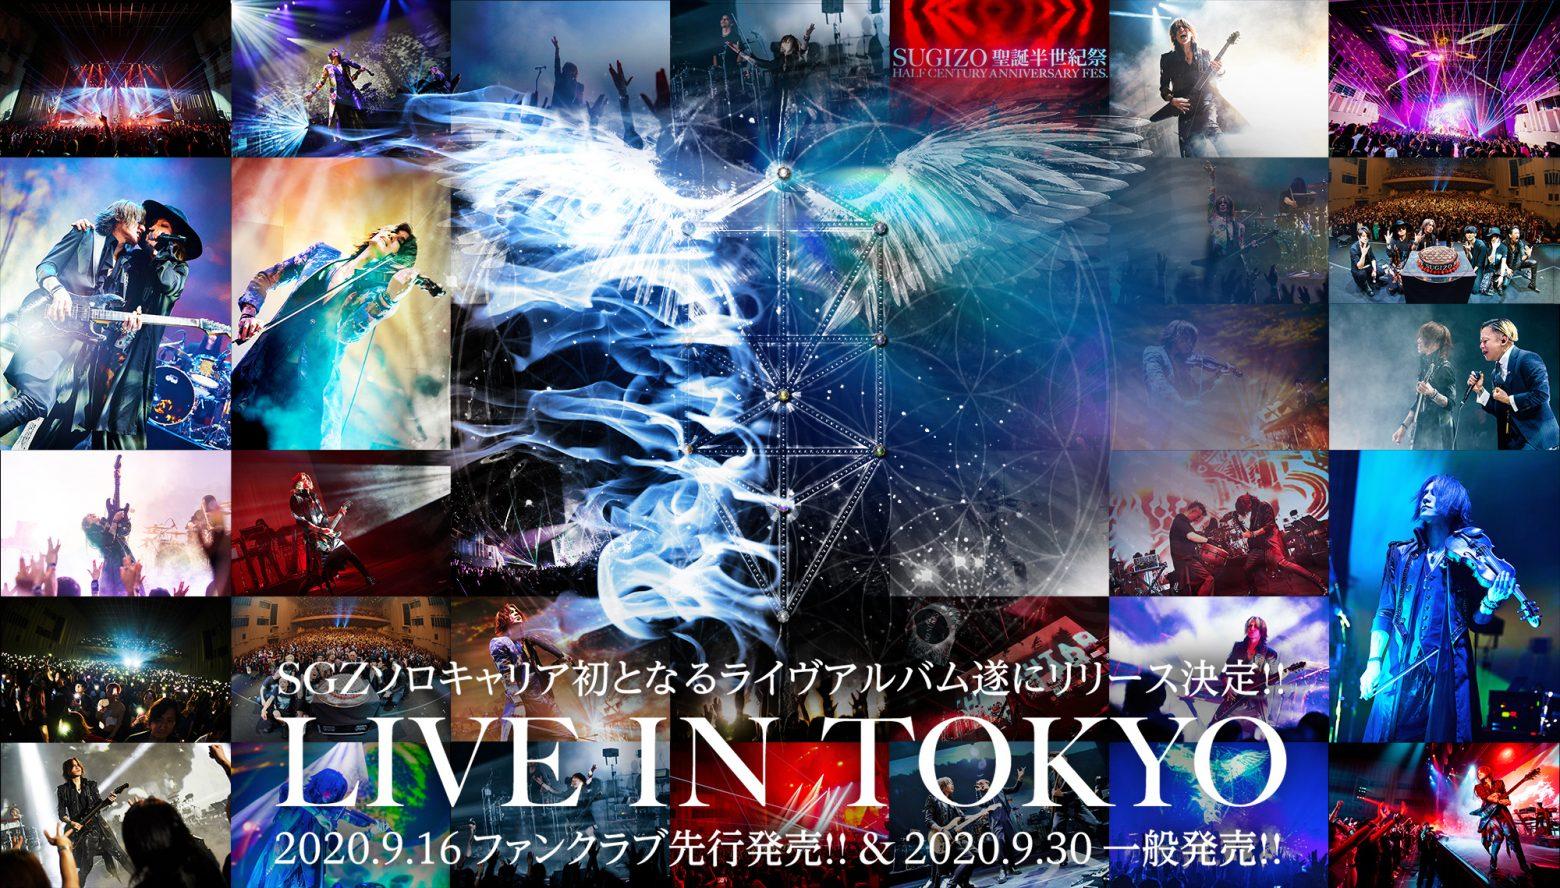 SUGIZO ライヴアルバム「LIVE IN TOKYO」